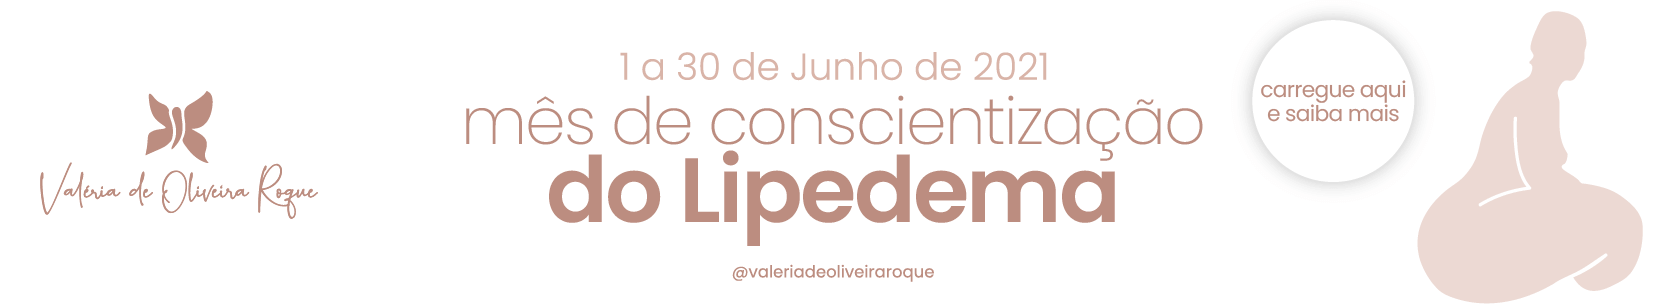 mês de conscientização lipedema  portugal valéria de oliveira roque